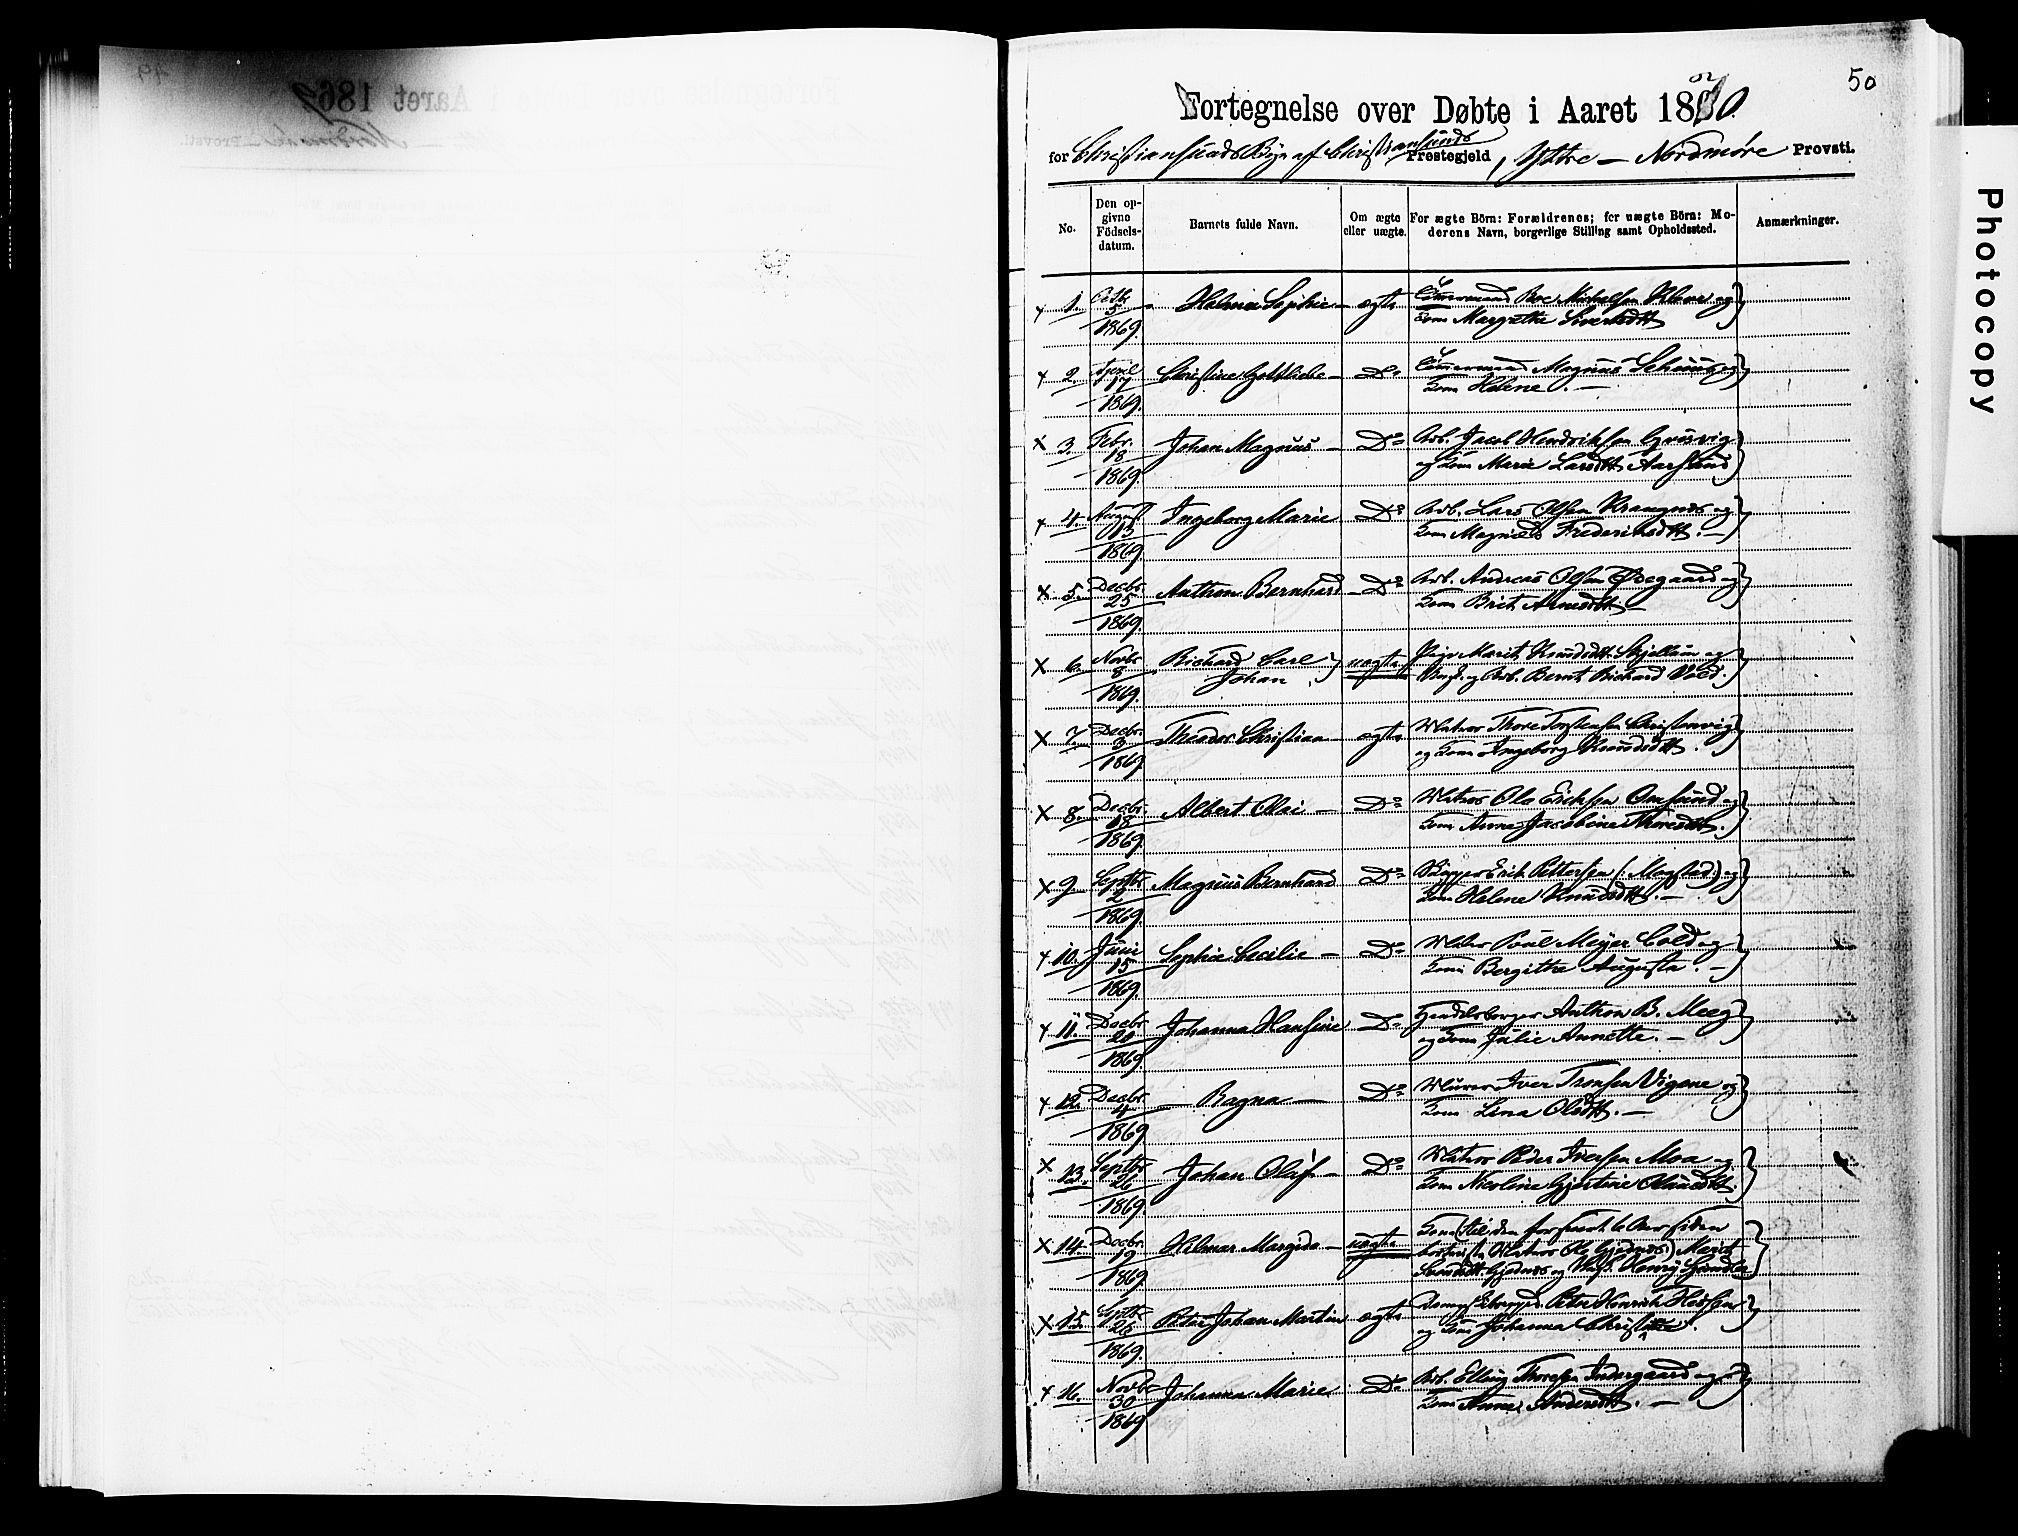 SAT, Ministerialprotokoller, klokkerbøker og fødselsregistre - Møre og Romsdal, 572/L0857: Ministerialbok nr. 572D01, 1866-1872, s. 50